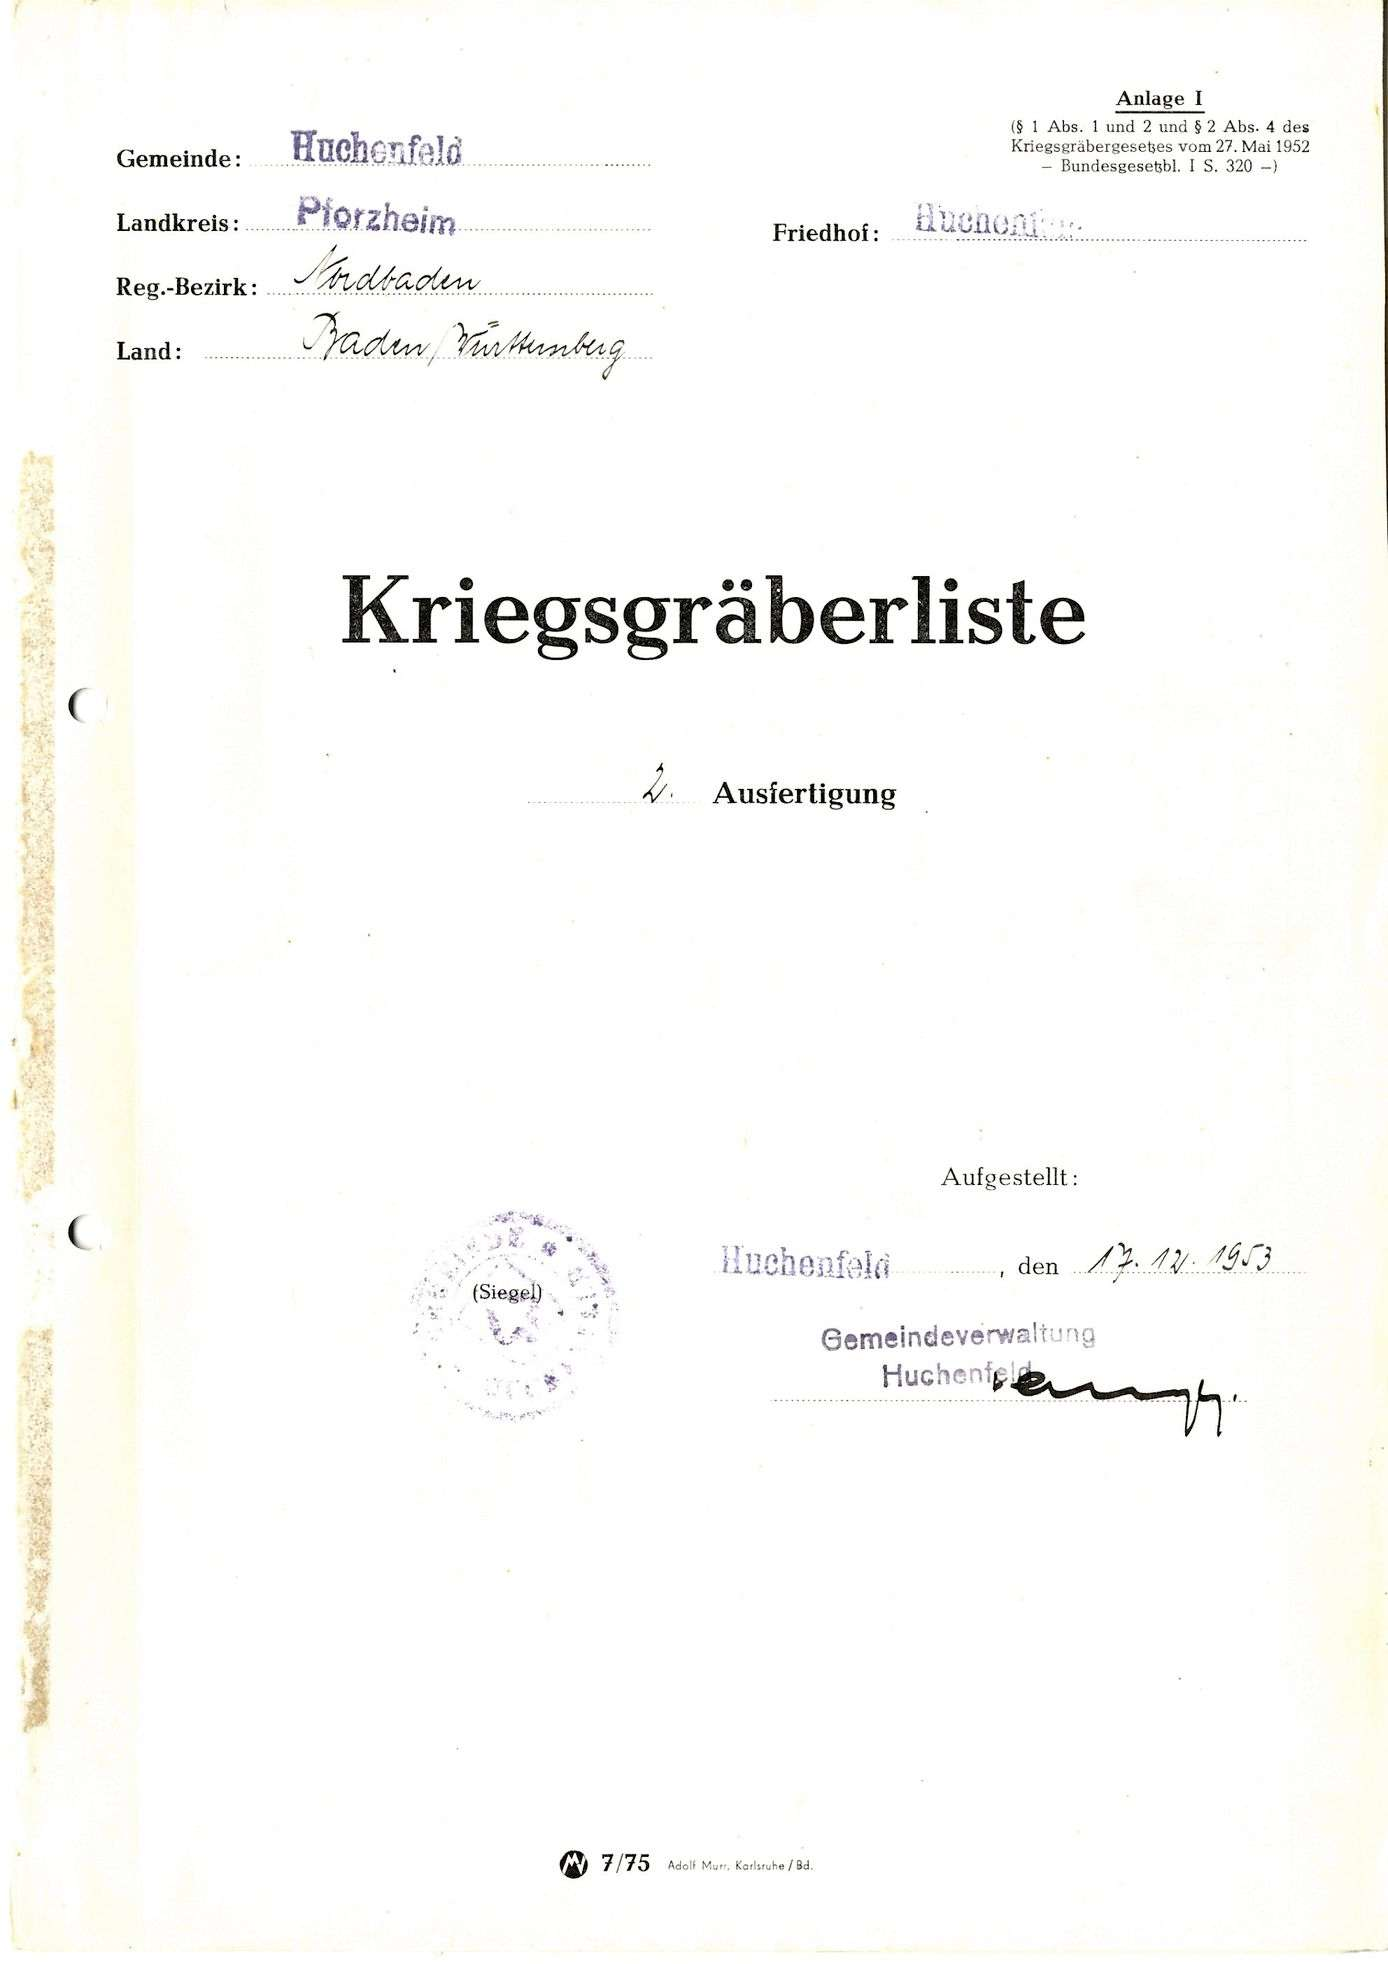 Huchenfeld, Bild 1